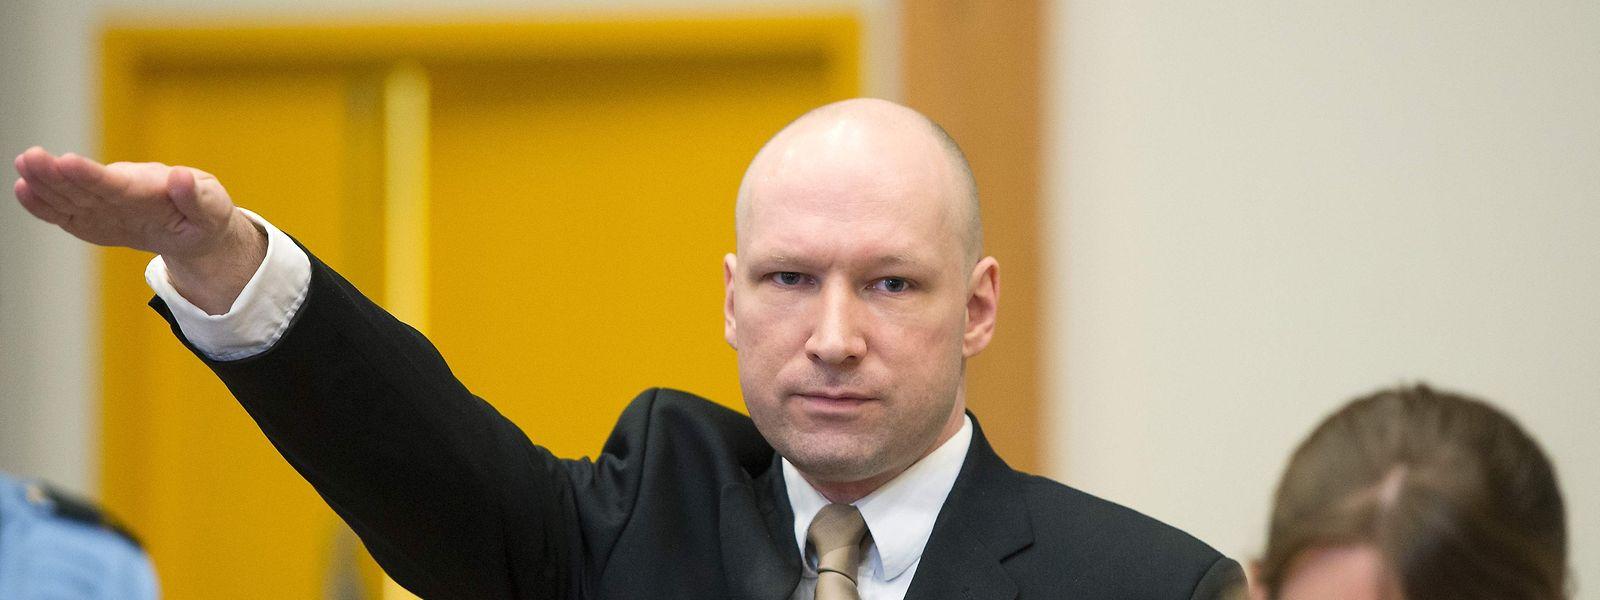 Während seiner Gerichtsverhandlung im Jahr 2016 hatte Breivik mit dem Hitlergruß provoziert.